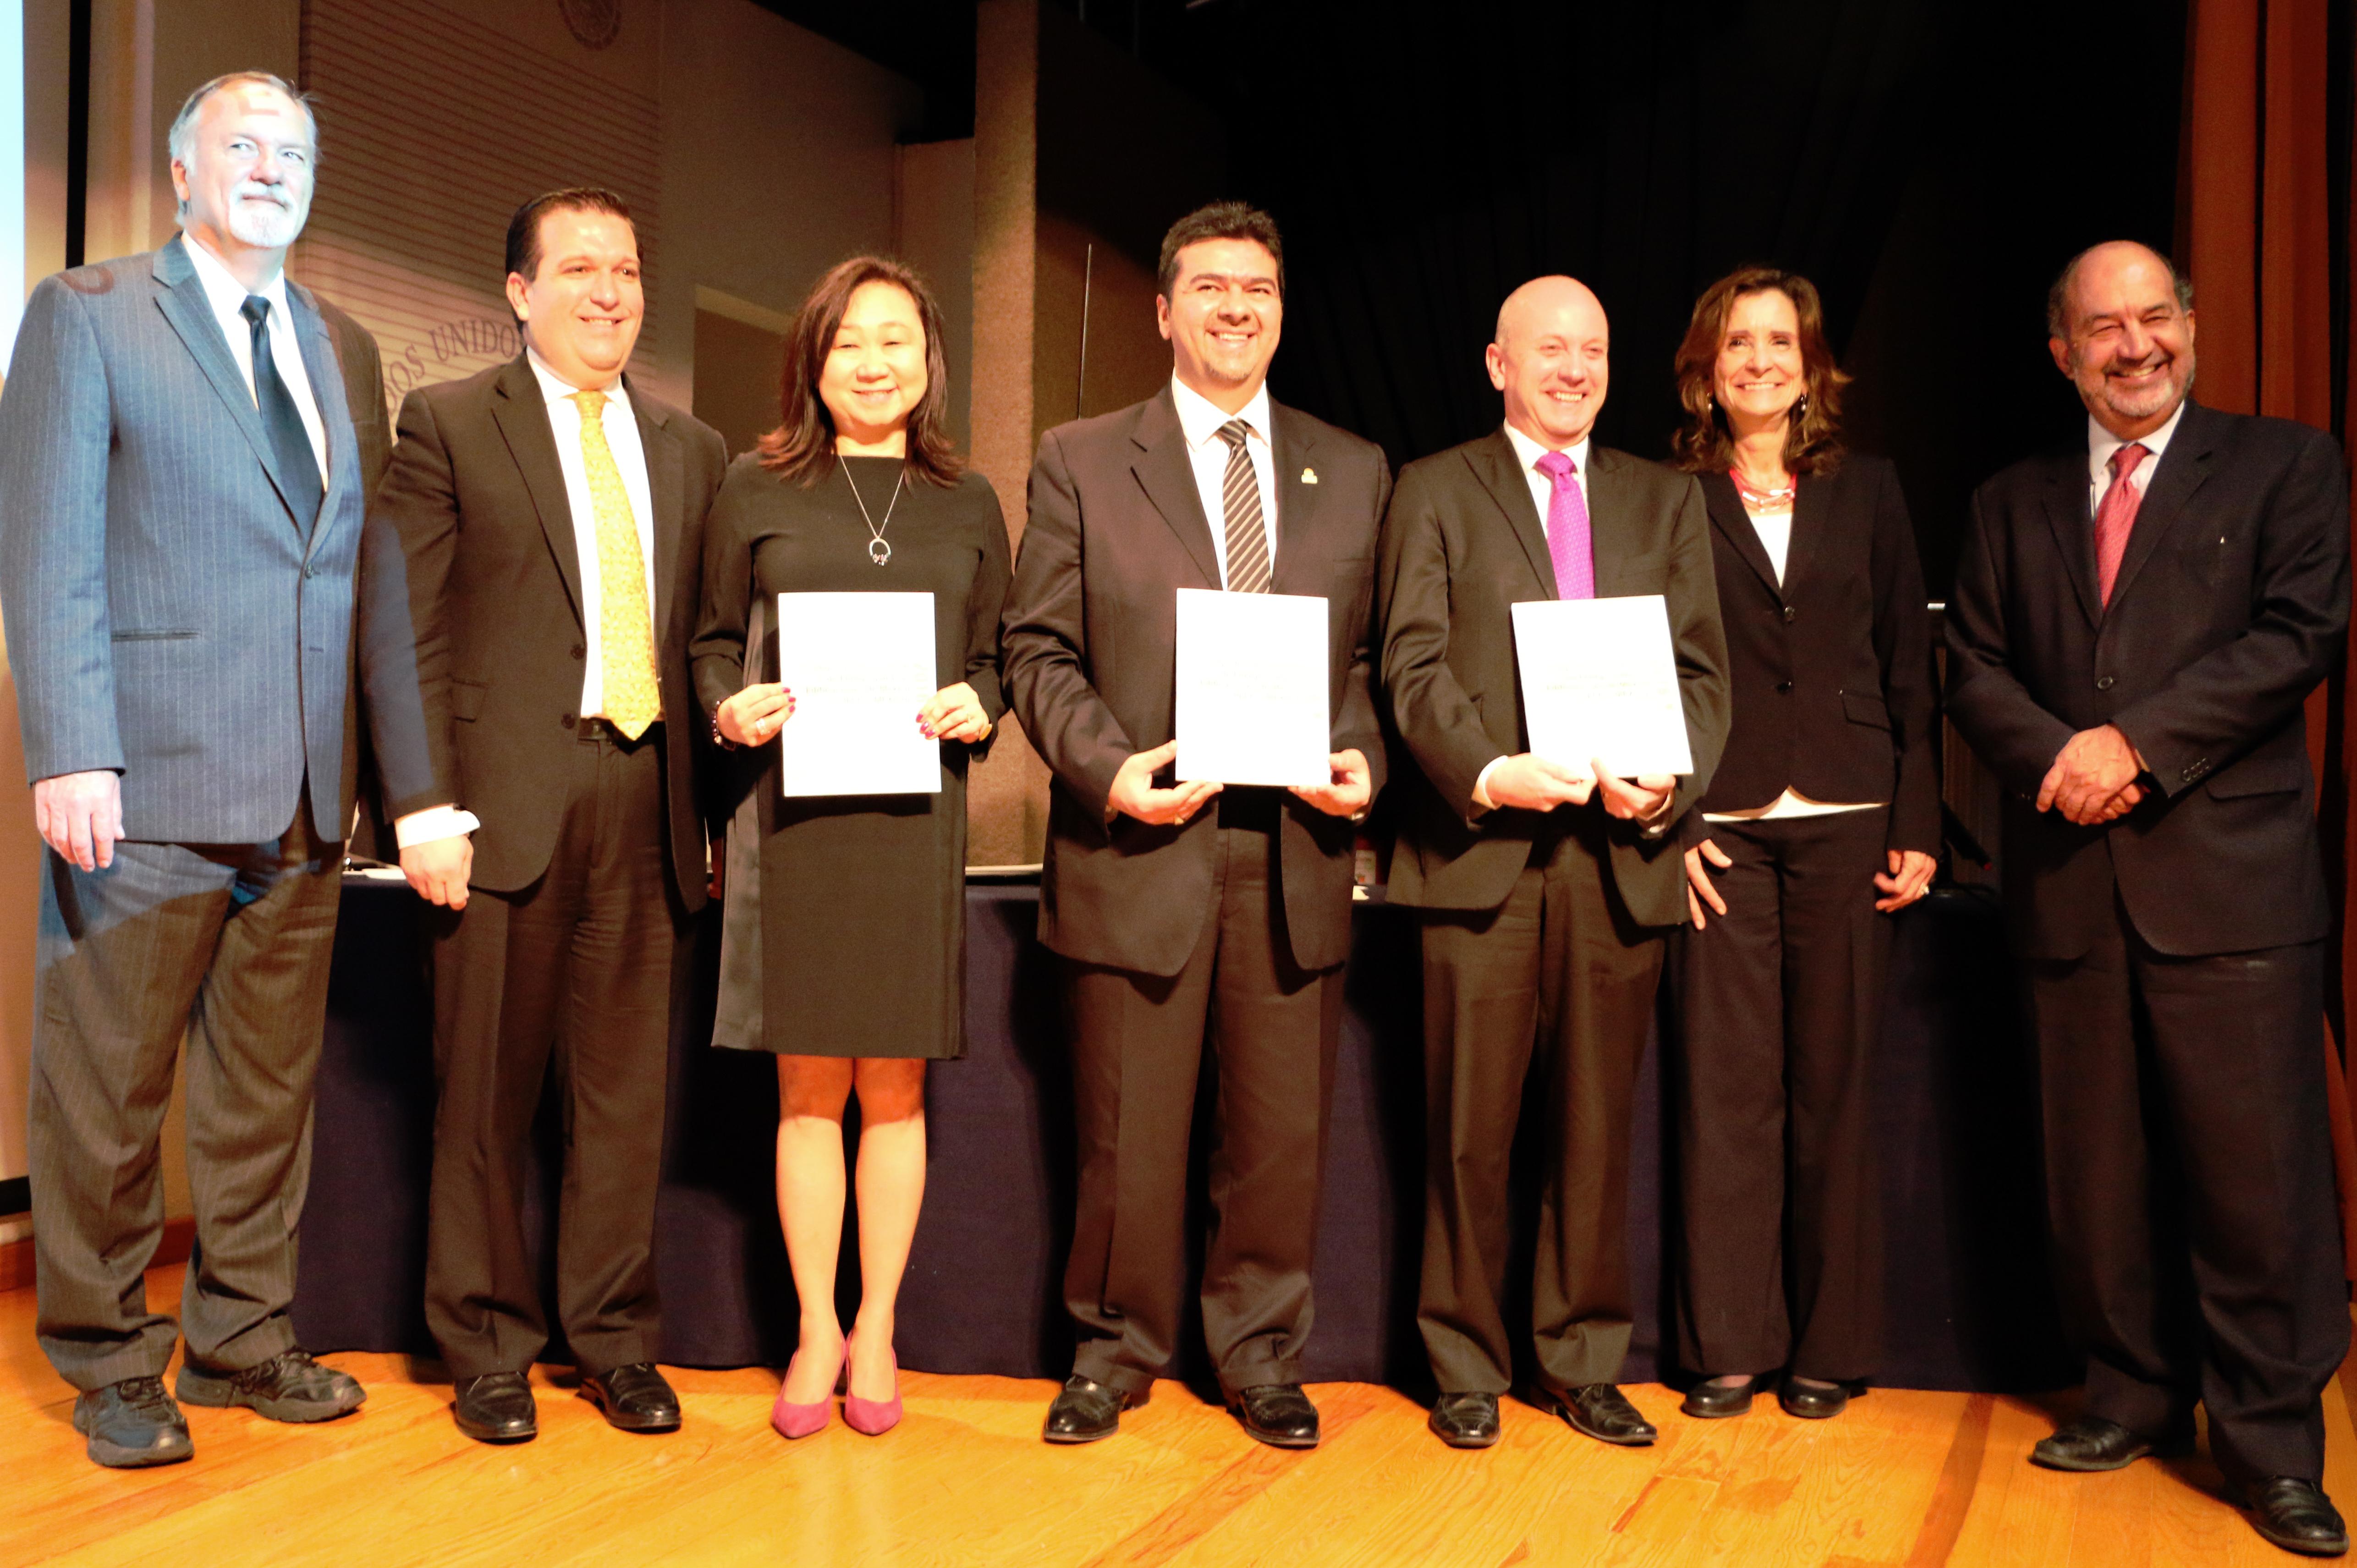 Presentación del Código de Conservación de Energía para las Edificaciones de México